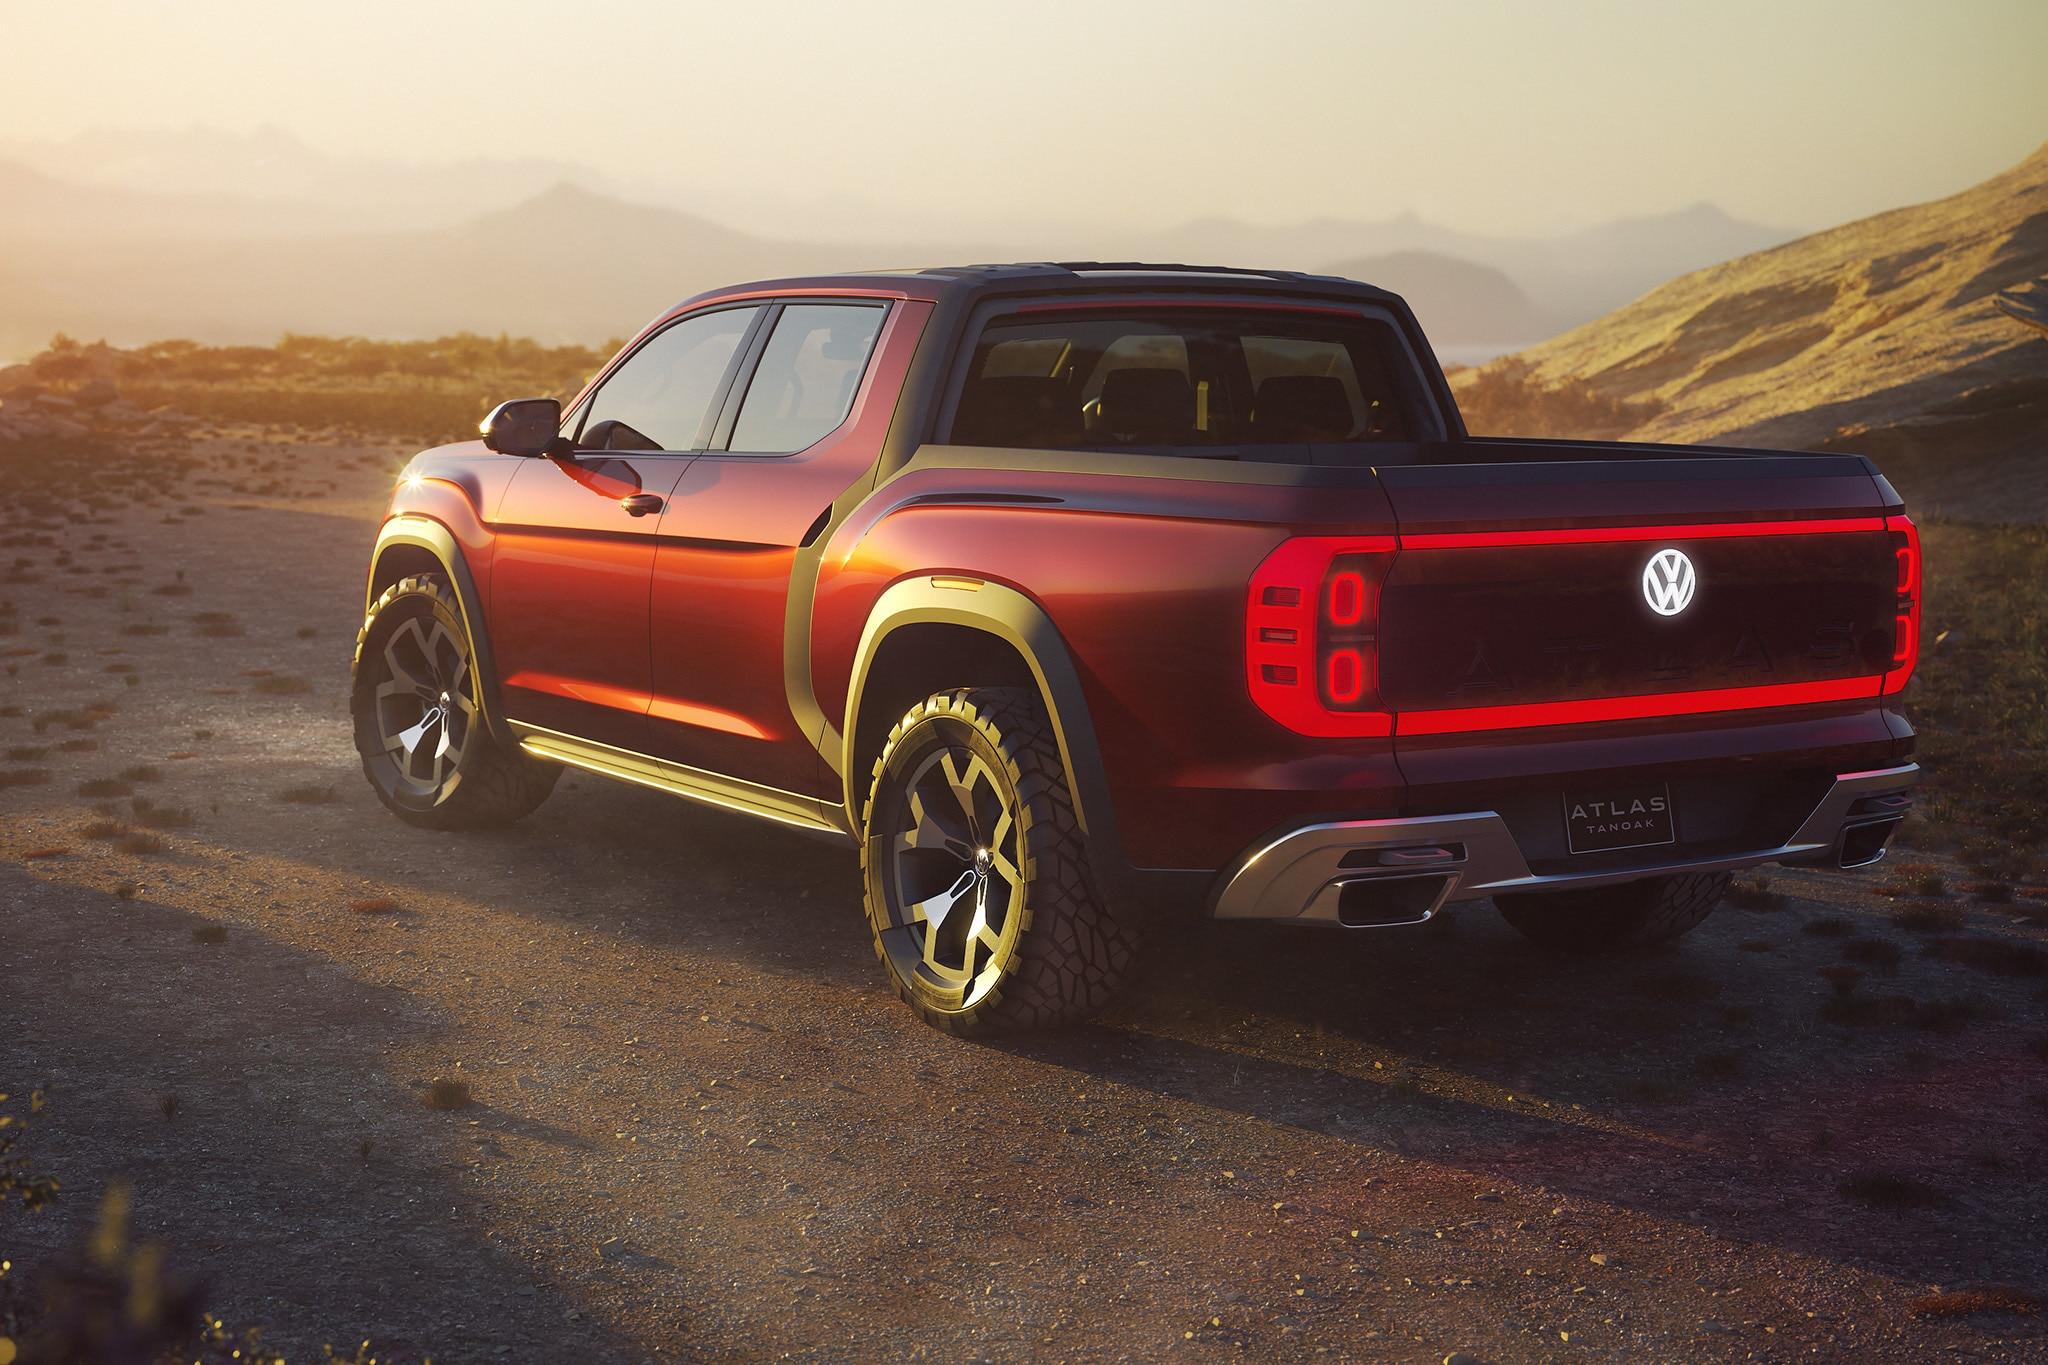 2018 Volkswagen Atlas Tanoak Pickup Truck Concept